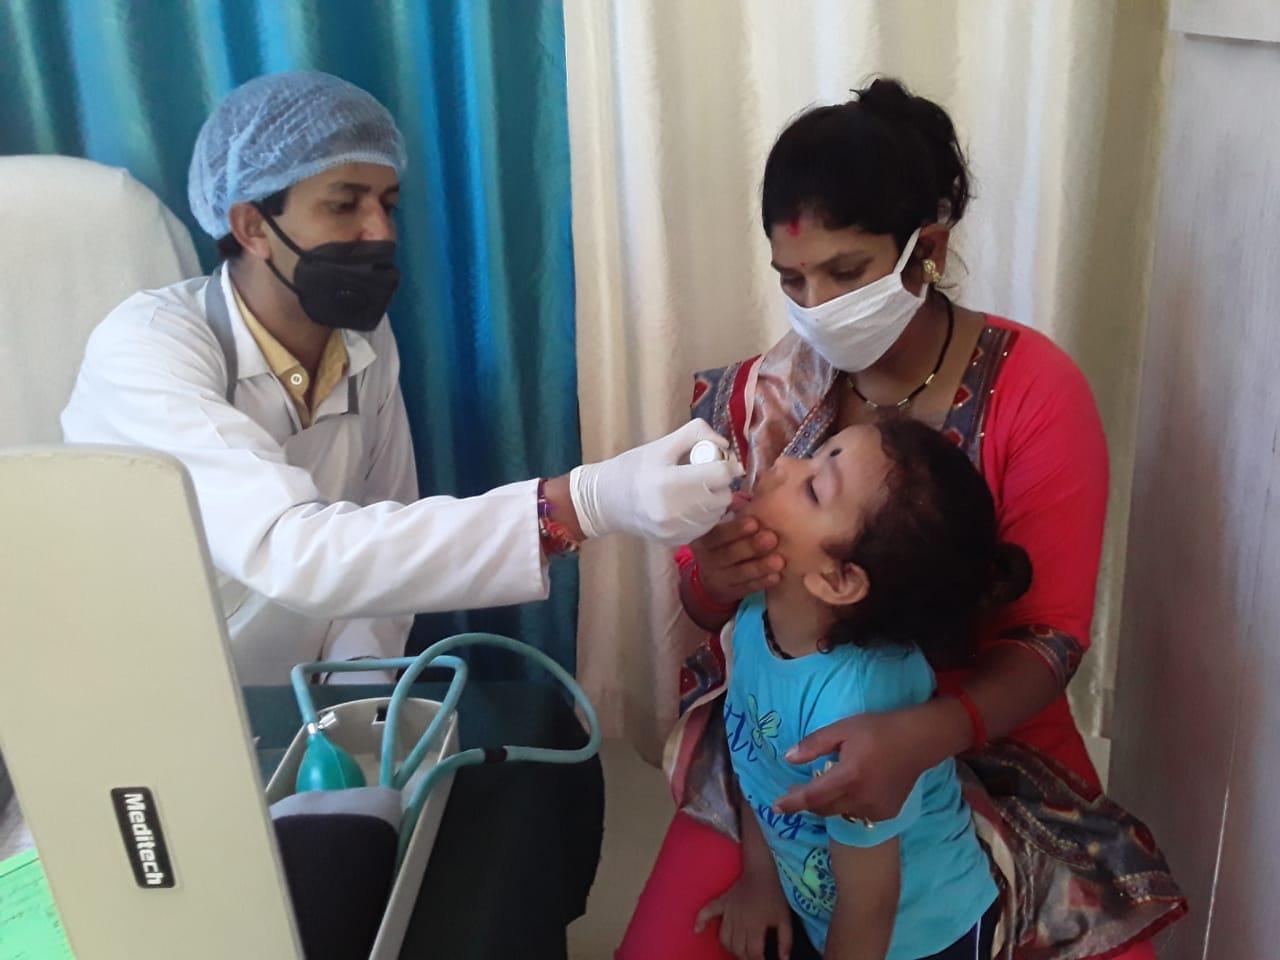 स्वर्ण प्राशन से बच्चों में रोग प्रतिरोधक क्षमता बढ़ती है-डॉ. बिपिन चन्द्र